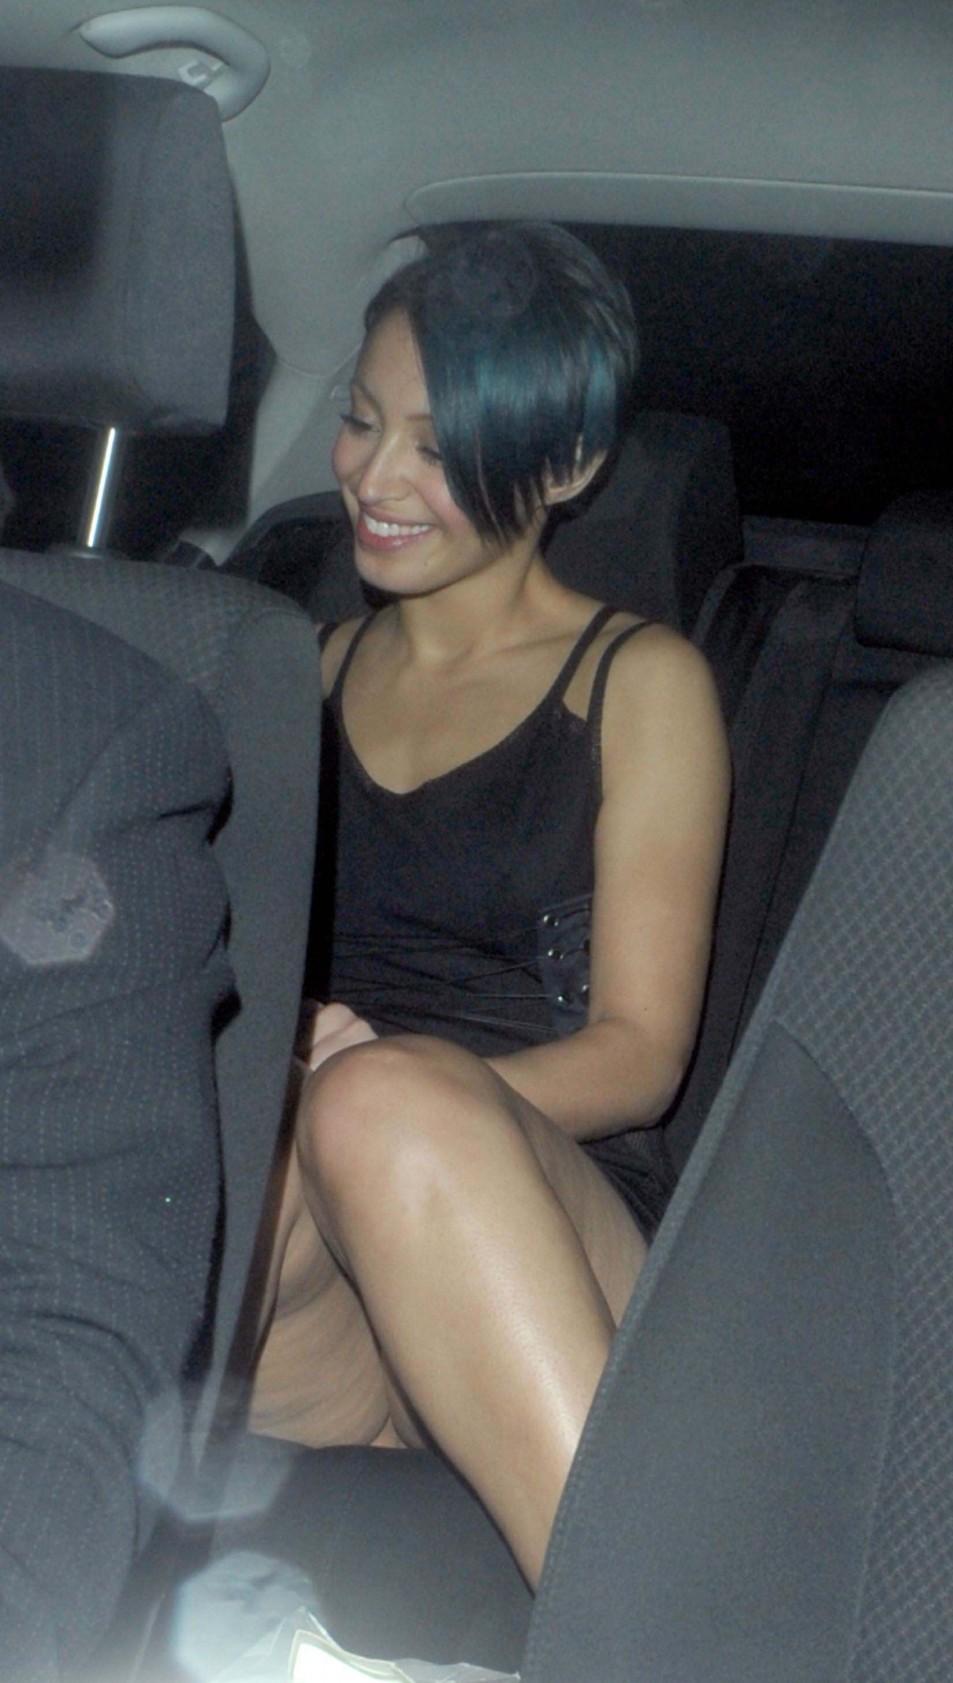 Amelle-Berrabah-Pantyless-Upskirt-5.jpg